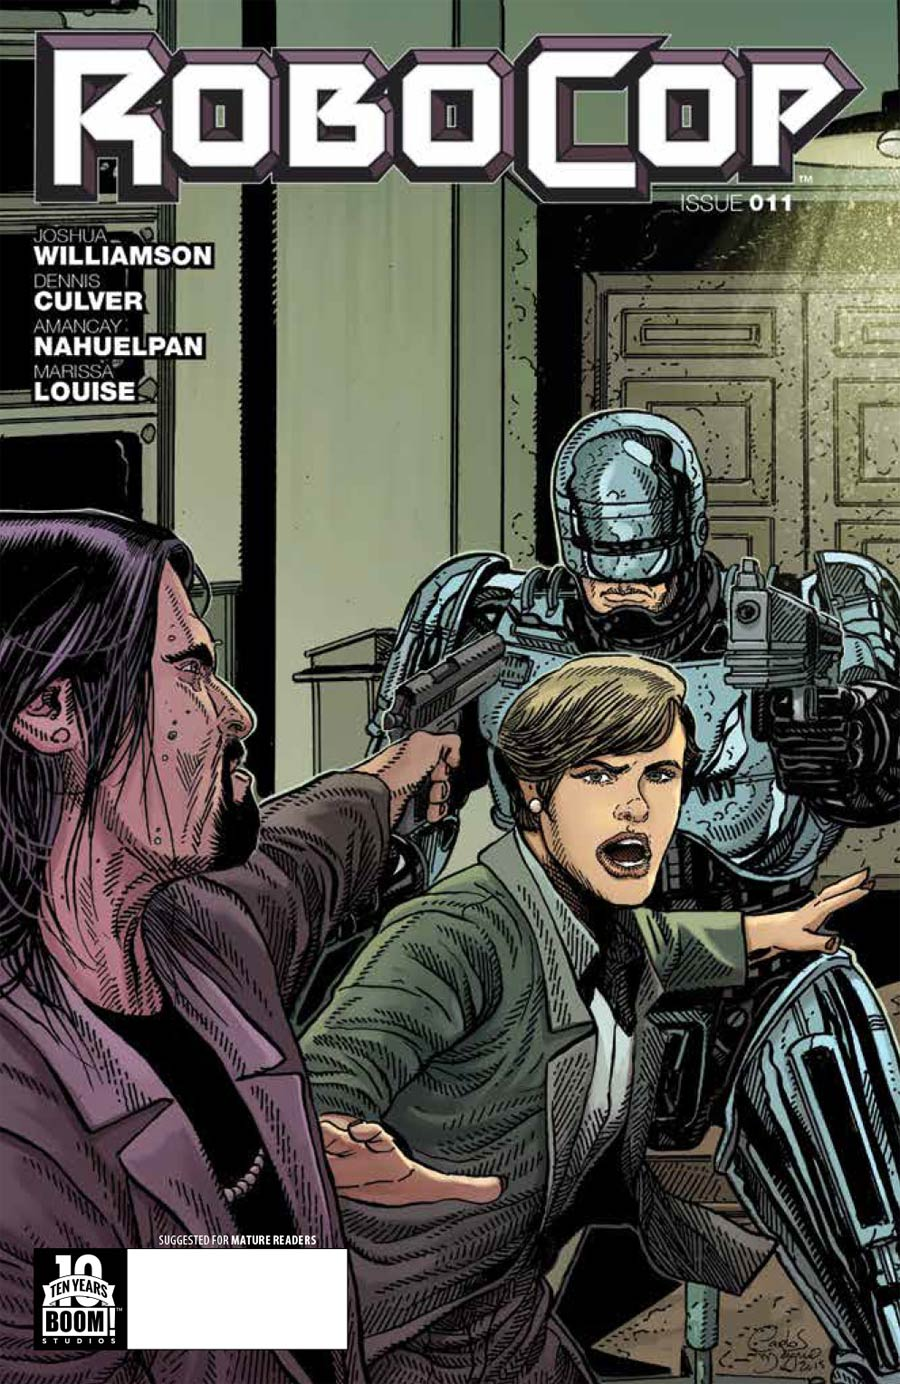 Robocop 2014 #11